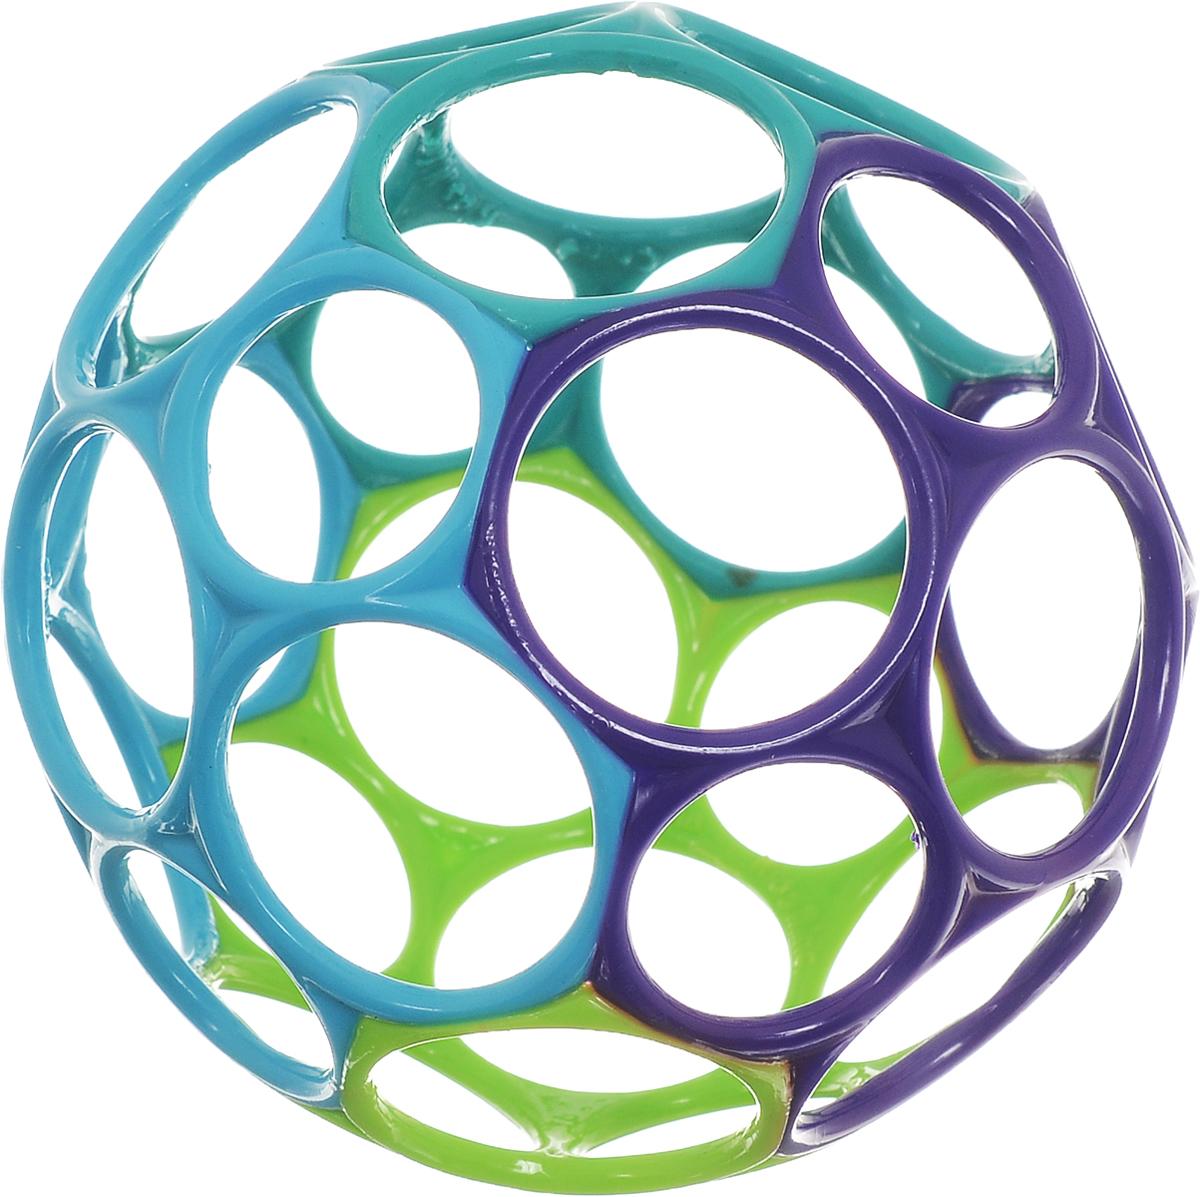 Развивающая игрушка Oball 81024_фиолетовый/голубой/салатовый